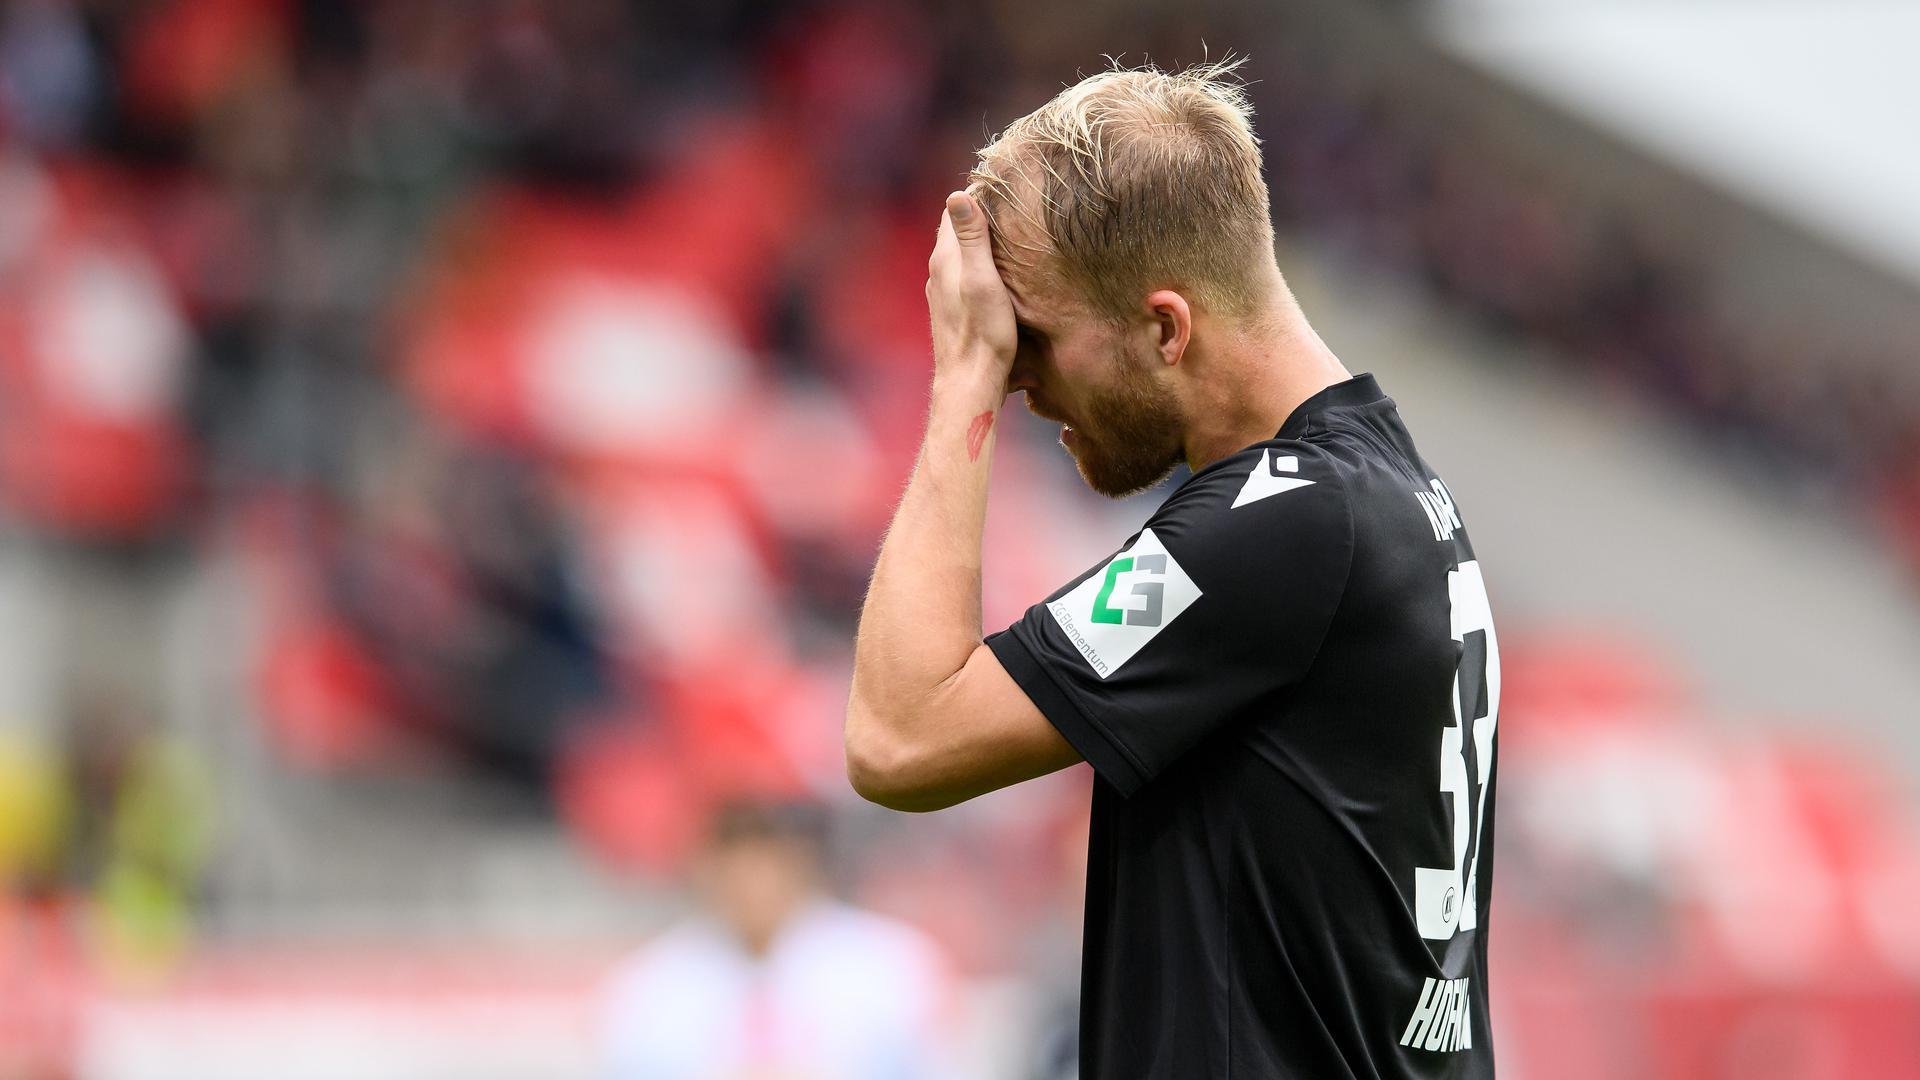 Glücklos: Philipp Hofmann war bei seinem Auftritt in Regensburg längst noch nicht der Alte. Der KSC-Stürmer vergab die Strafstoßchance zum Ausgleich.